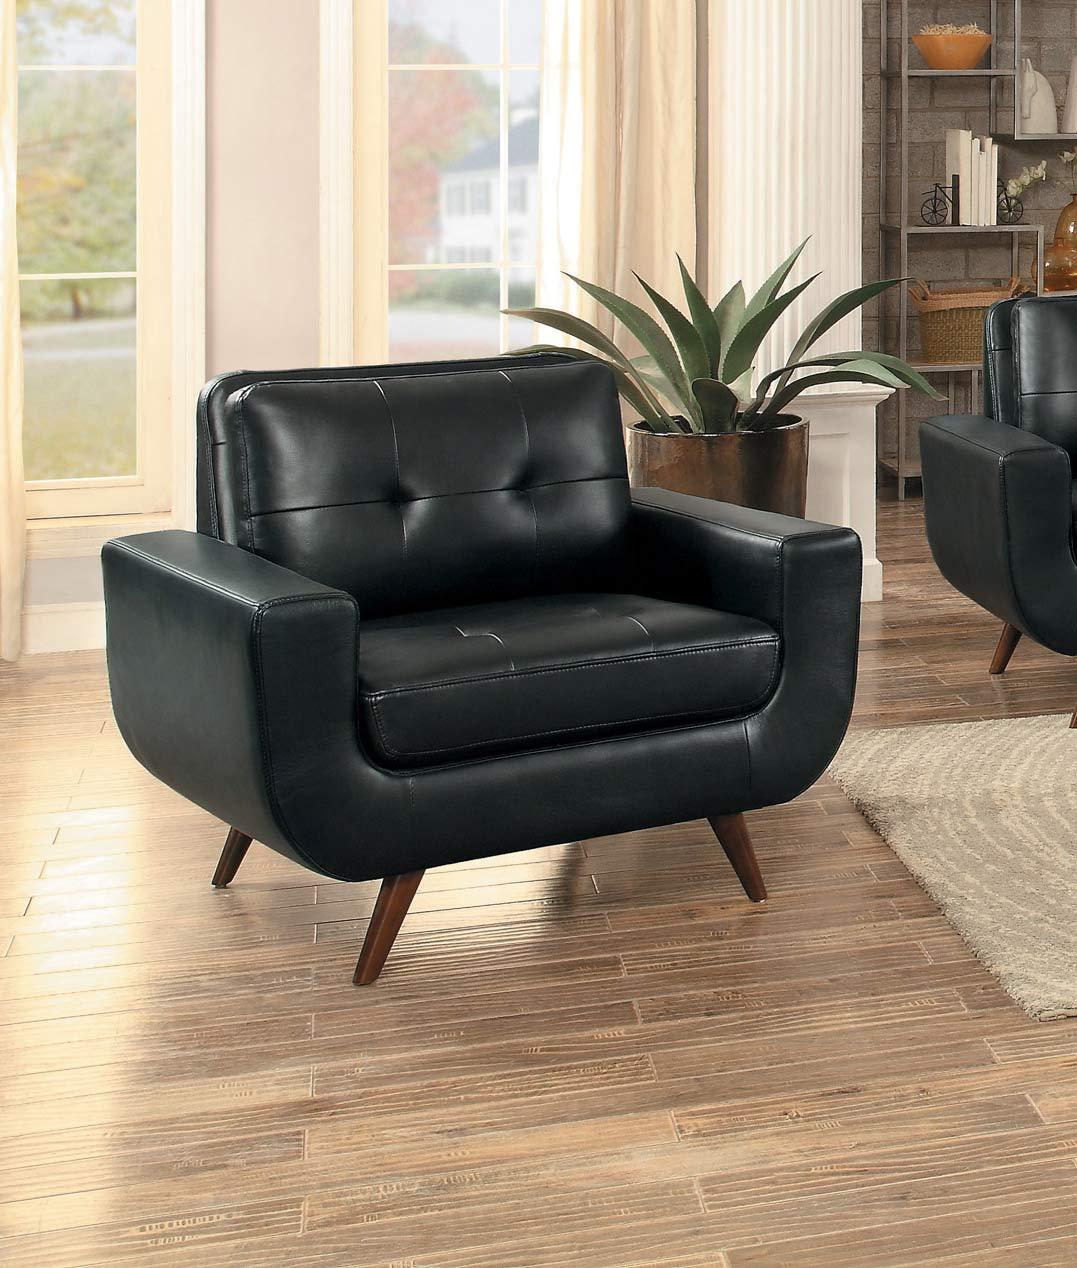 Homelegance Deryn Chair - Black Leather Gel Match